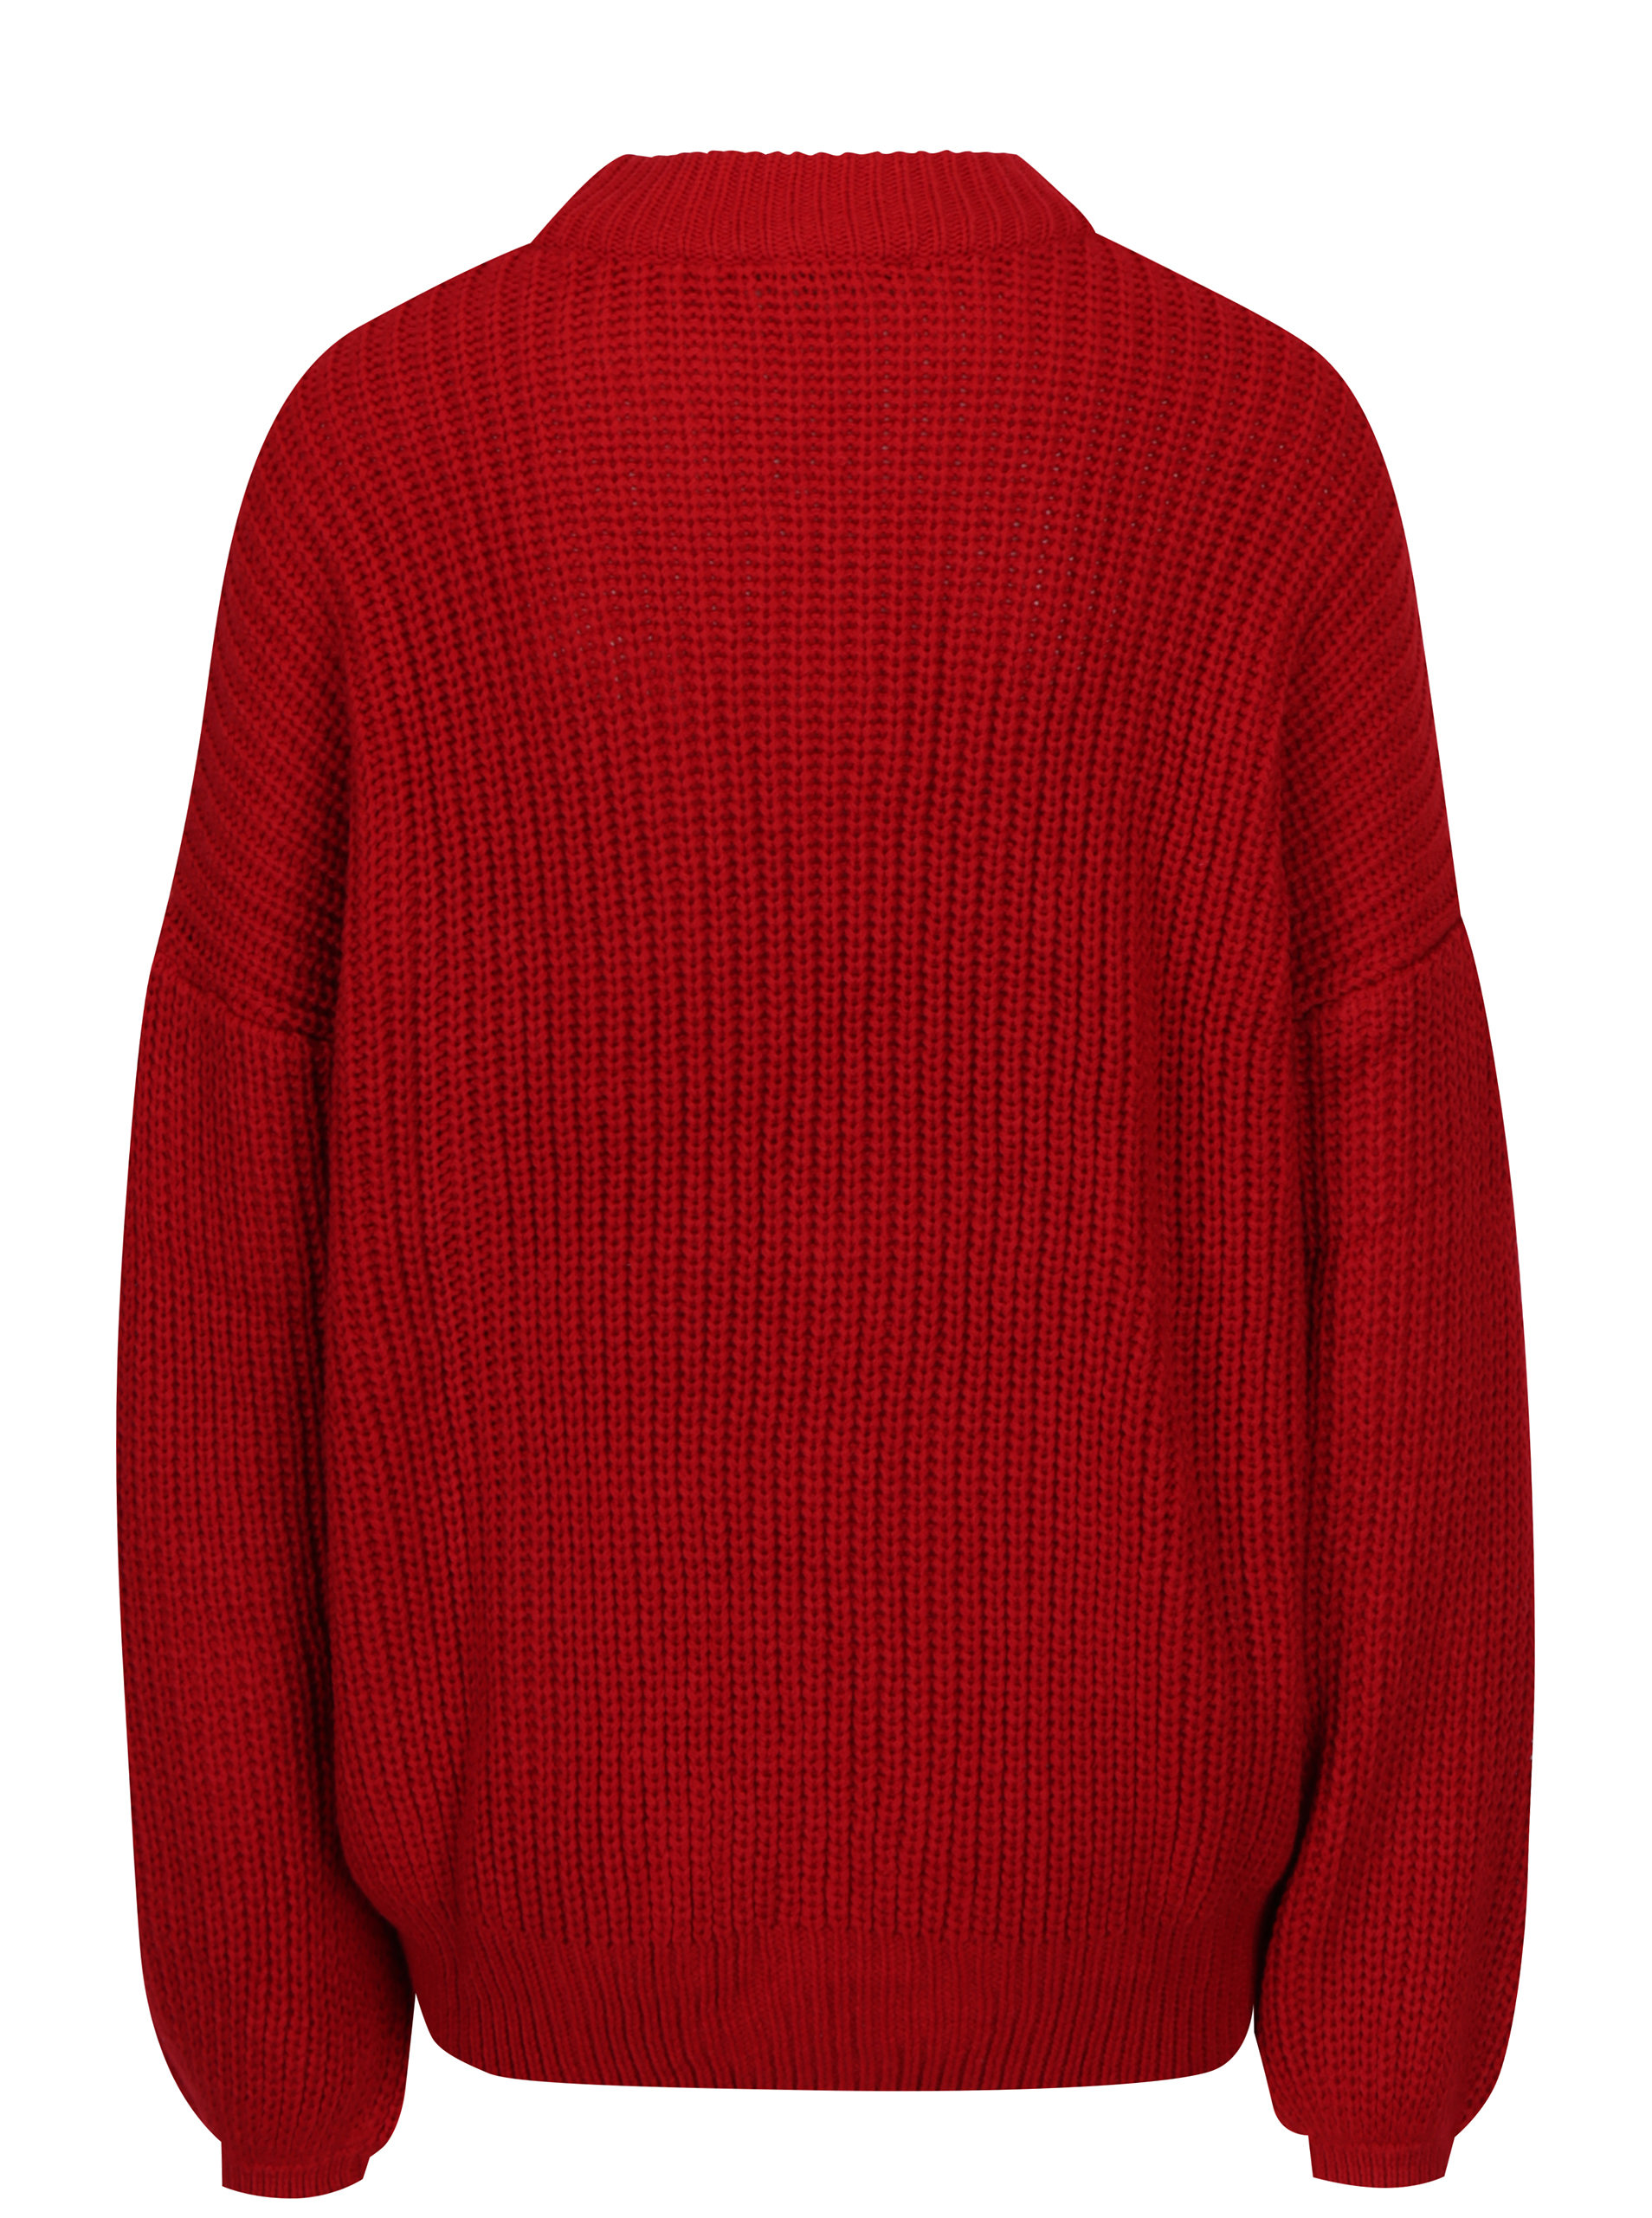 Červený svetr s balónovými rukávy TALLY WEiJL ... aa5975fc26